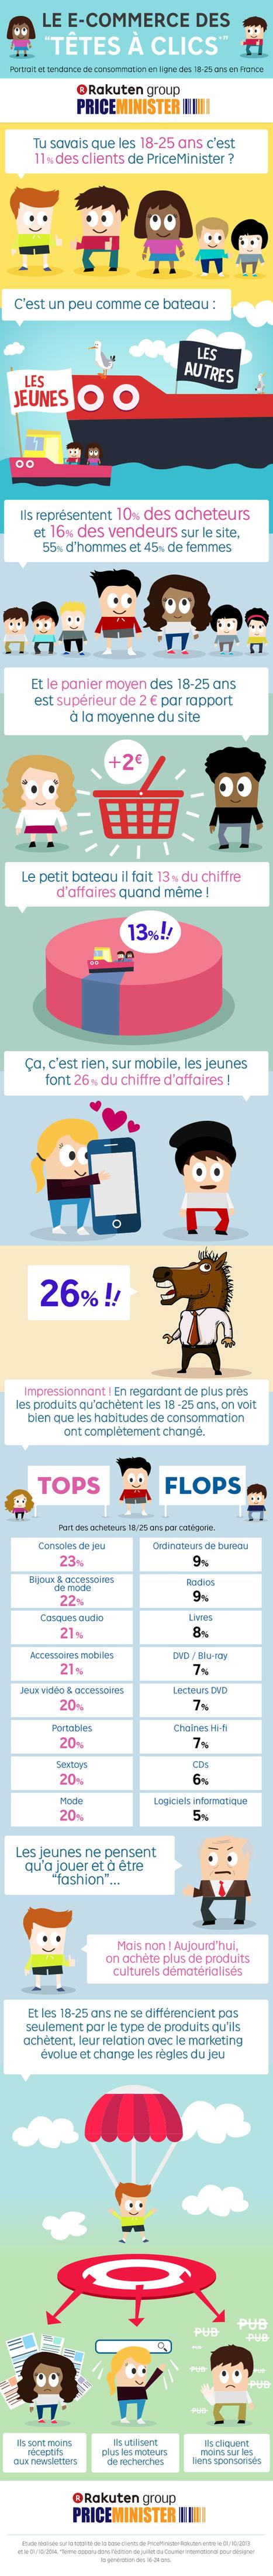 La consommation sur Internet des 18-25 ans - Etude PriceMinister | Actu et stratégie e-commerce | Scoop.it